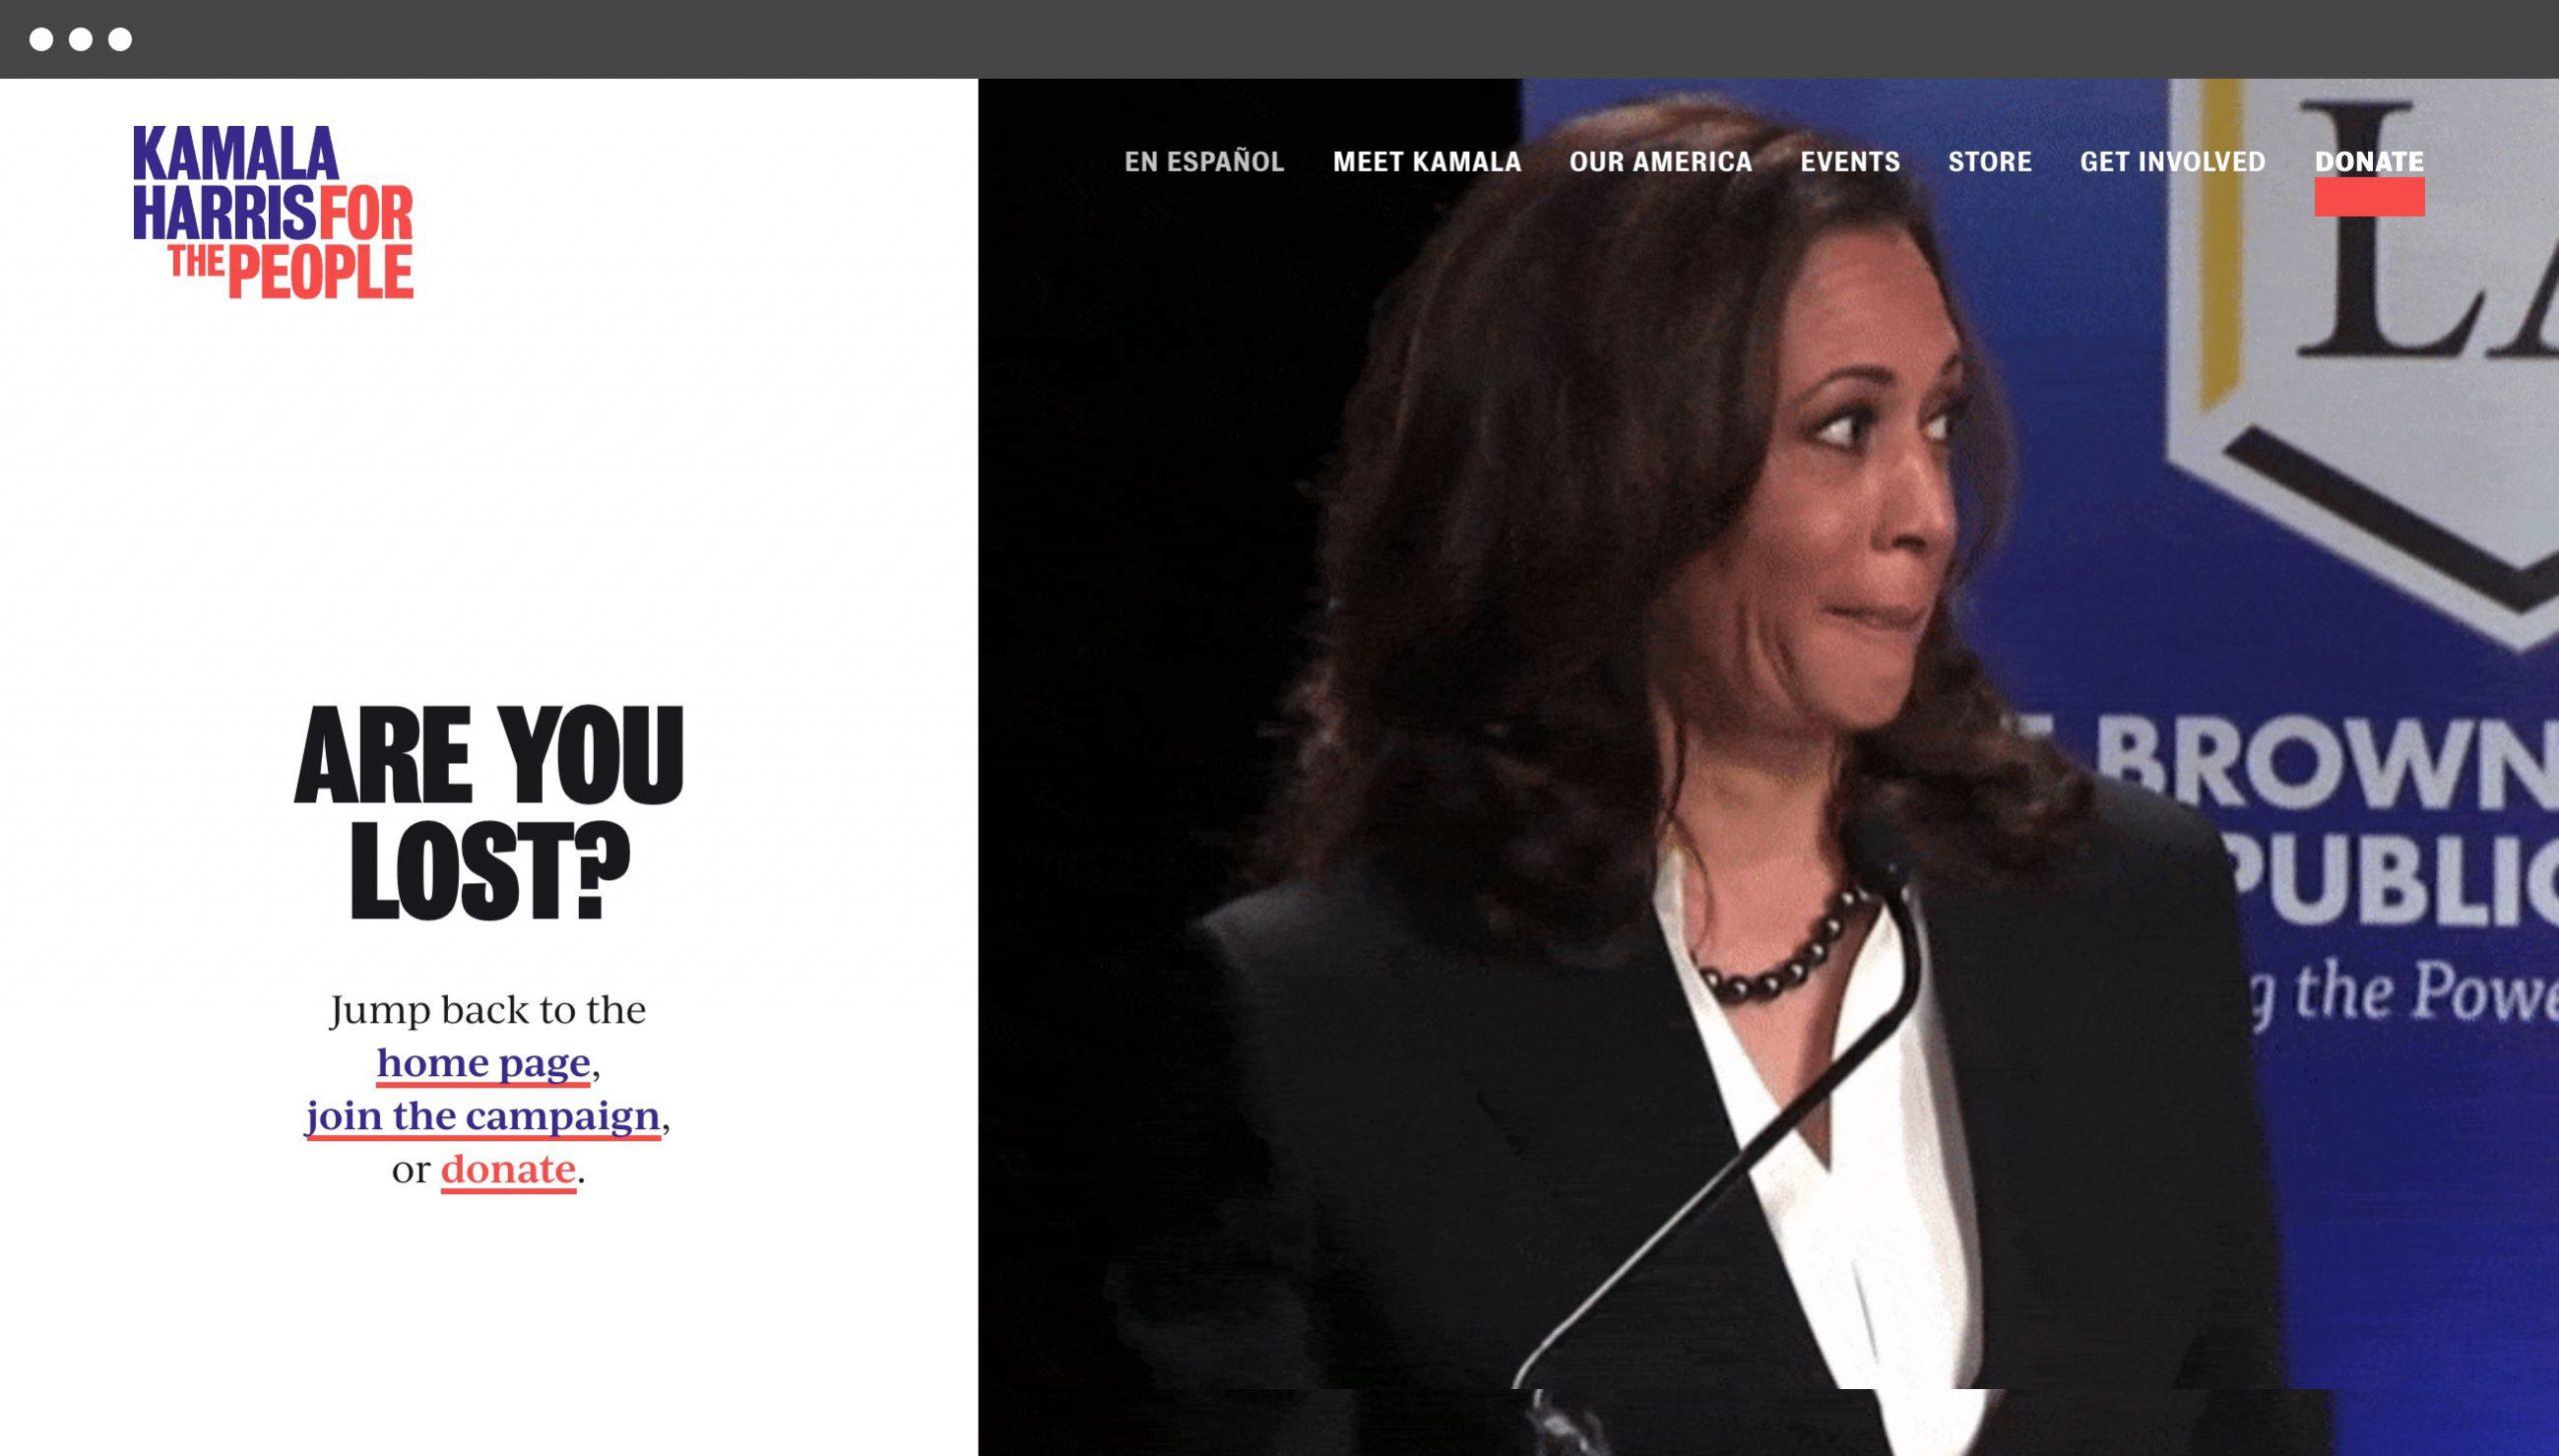 Kamala Harris 404 page